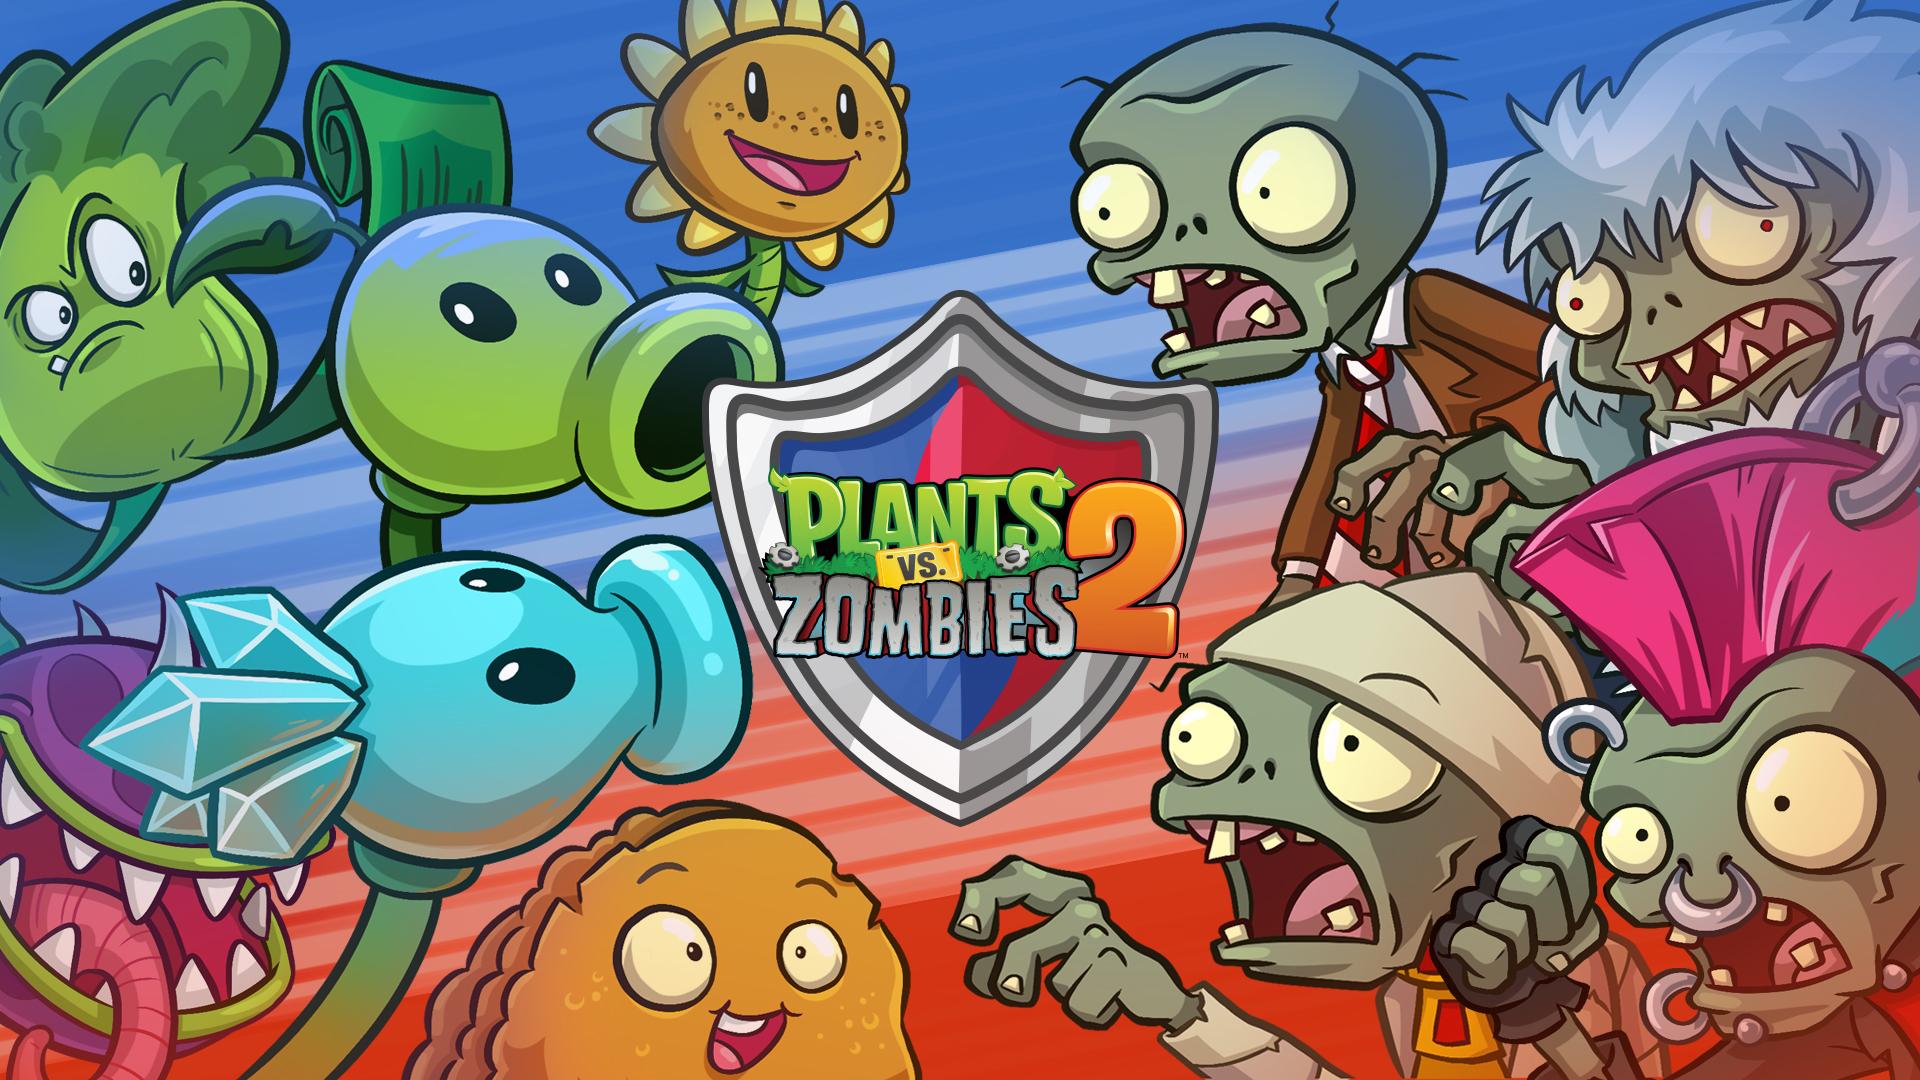 Фото картинки растения против зомби, поздравления днем